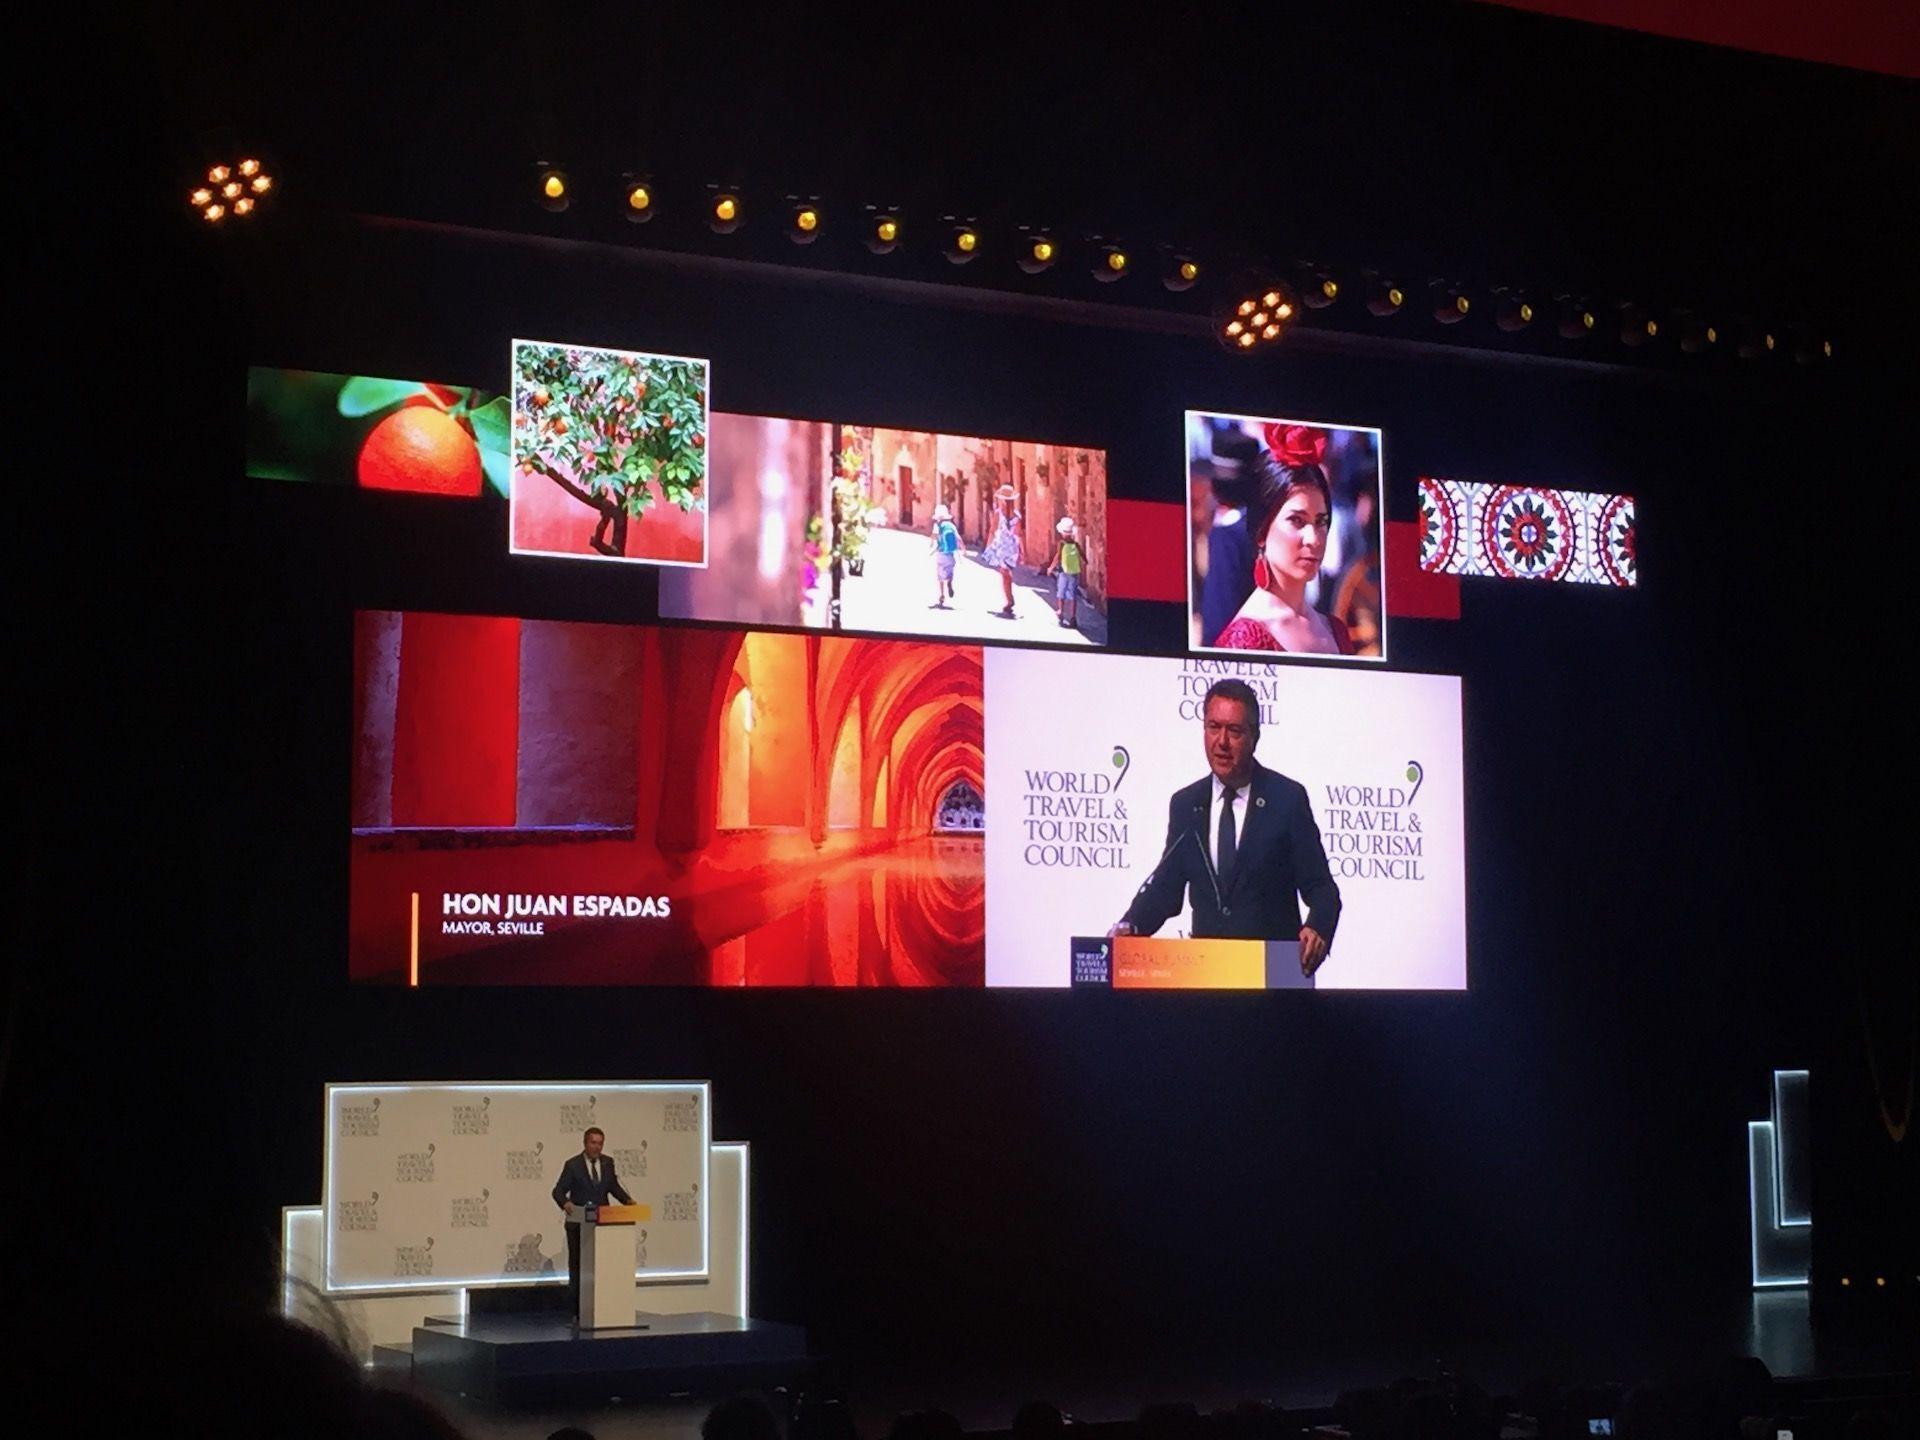 Juan Espadas, alcalde de Sevilla en la celebración del principal evento turístico, la WTTC (2019) - Sputnik Mundo, 1920, 11.02.2021